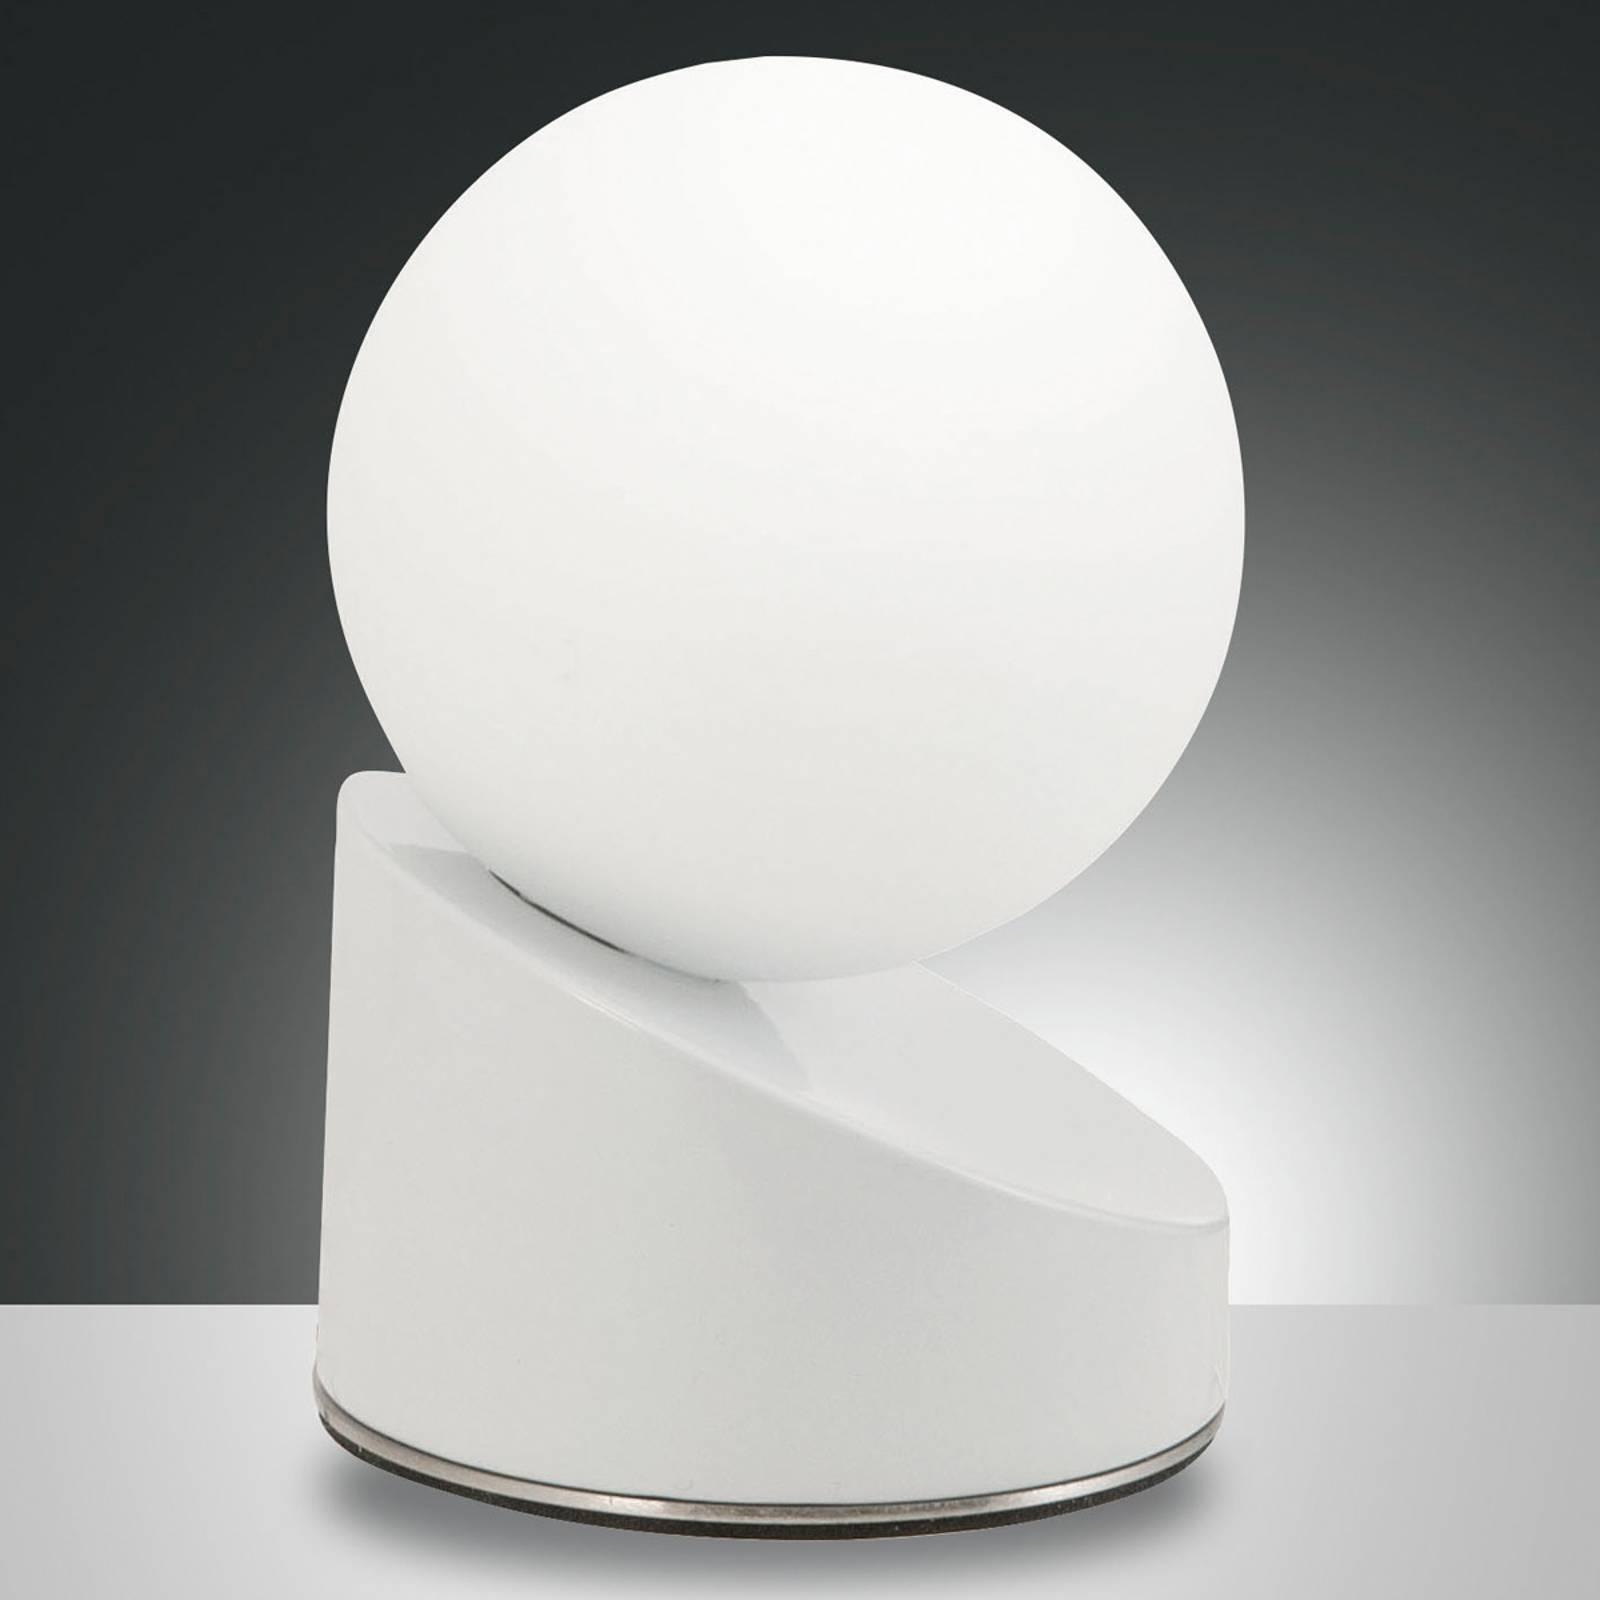 Tyylikäs Gravity-LED-pöytävalaisin, valkoinen